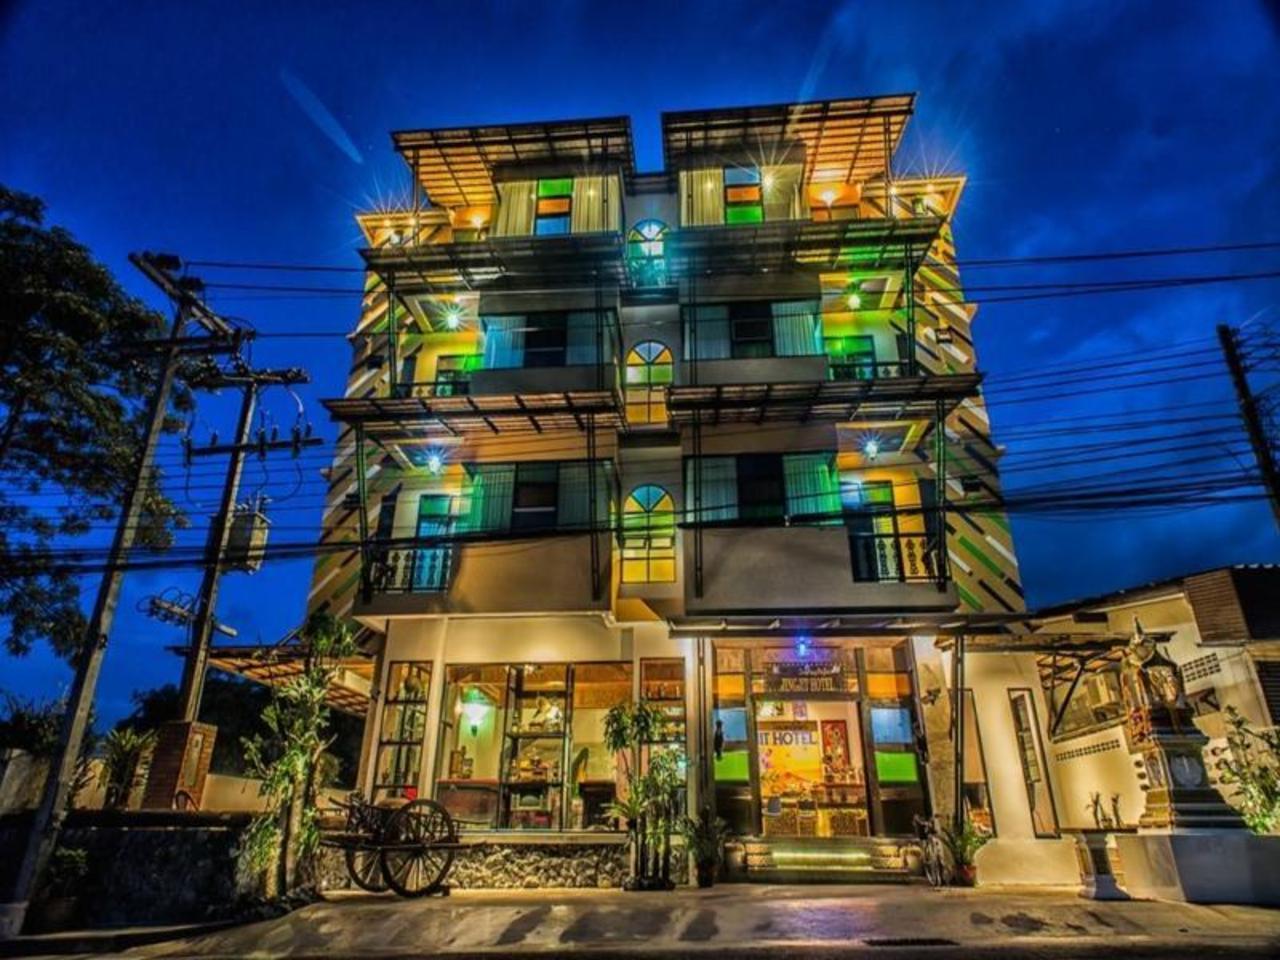 โรงแรมจริงจิตร (Jing Jit Hotel)